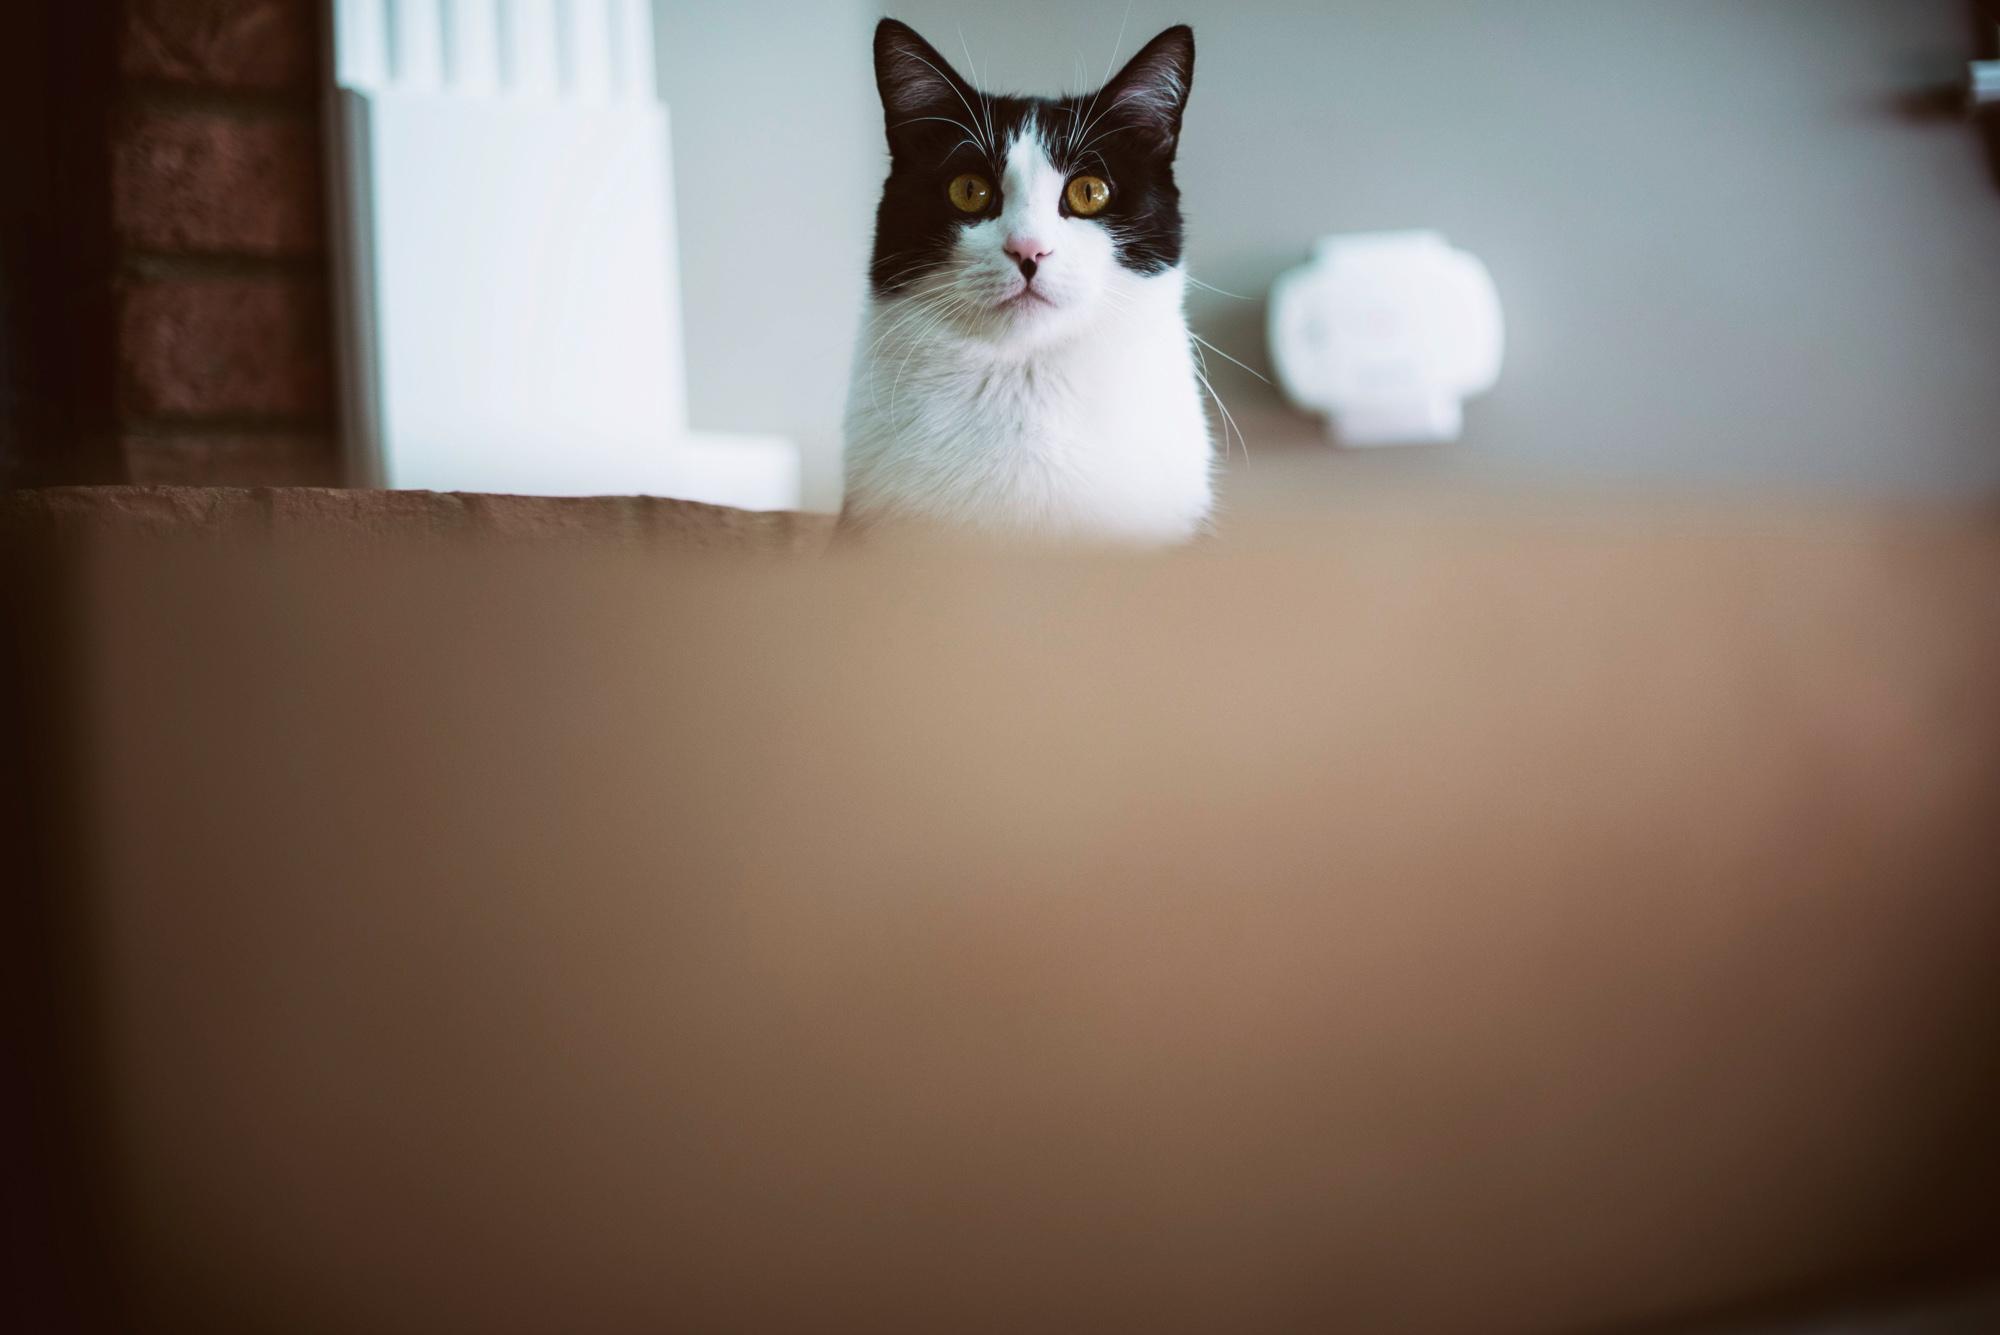 Salem hiding behind a box